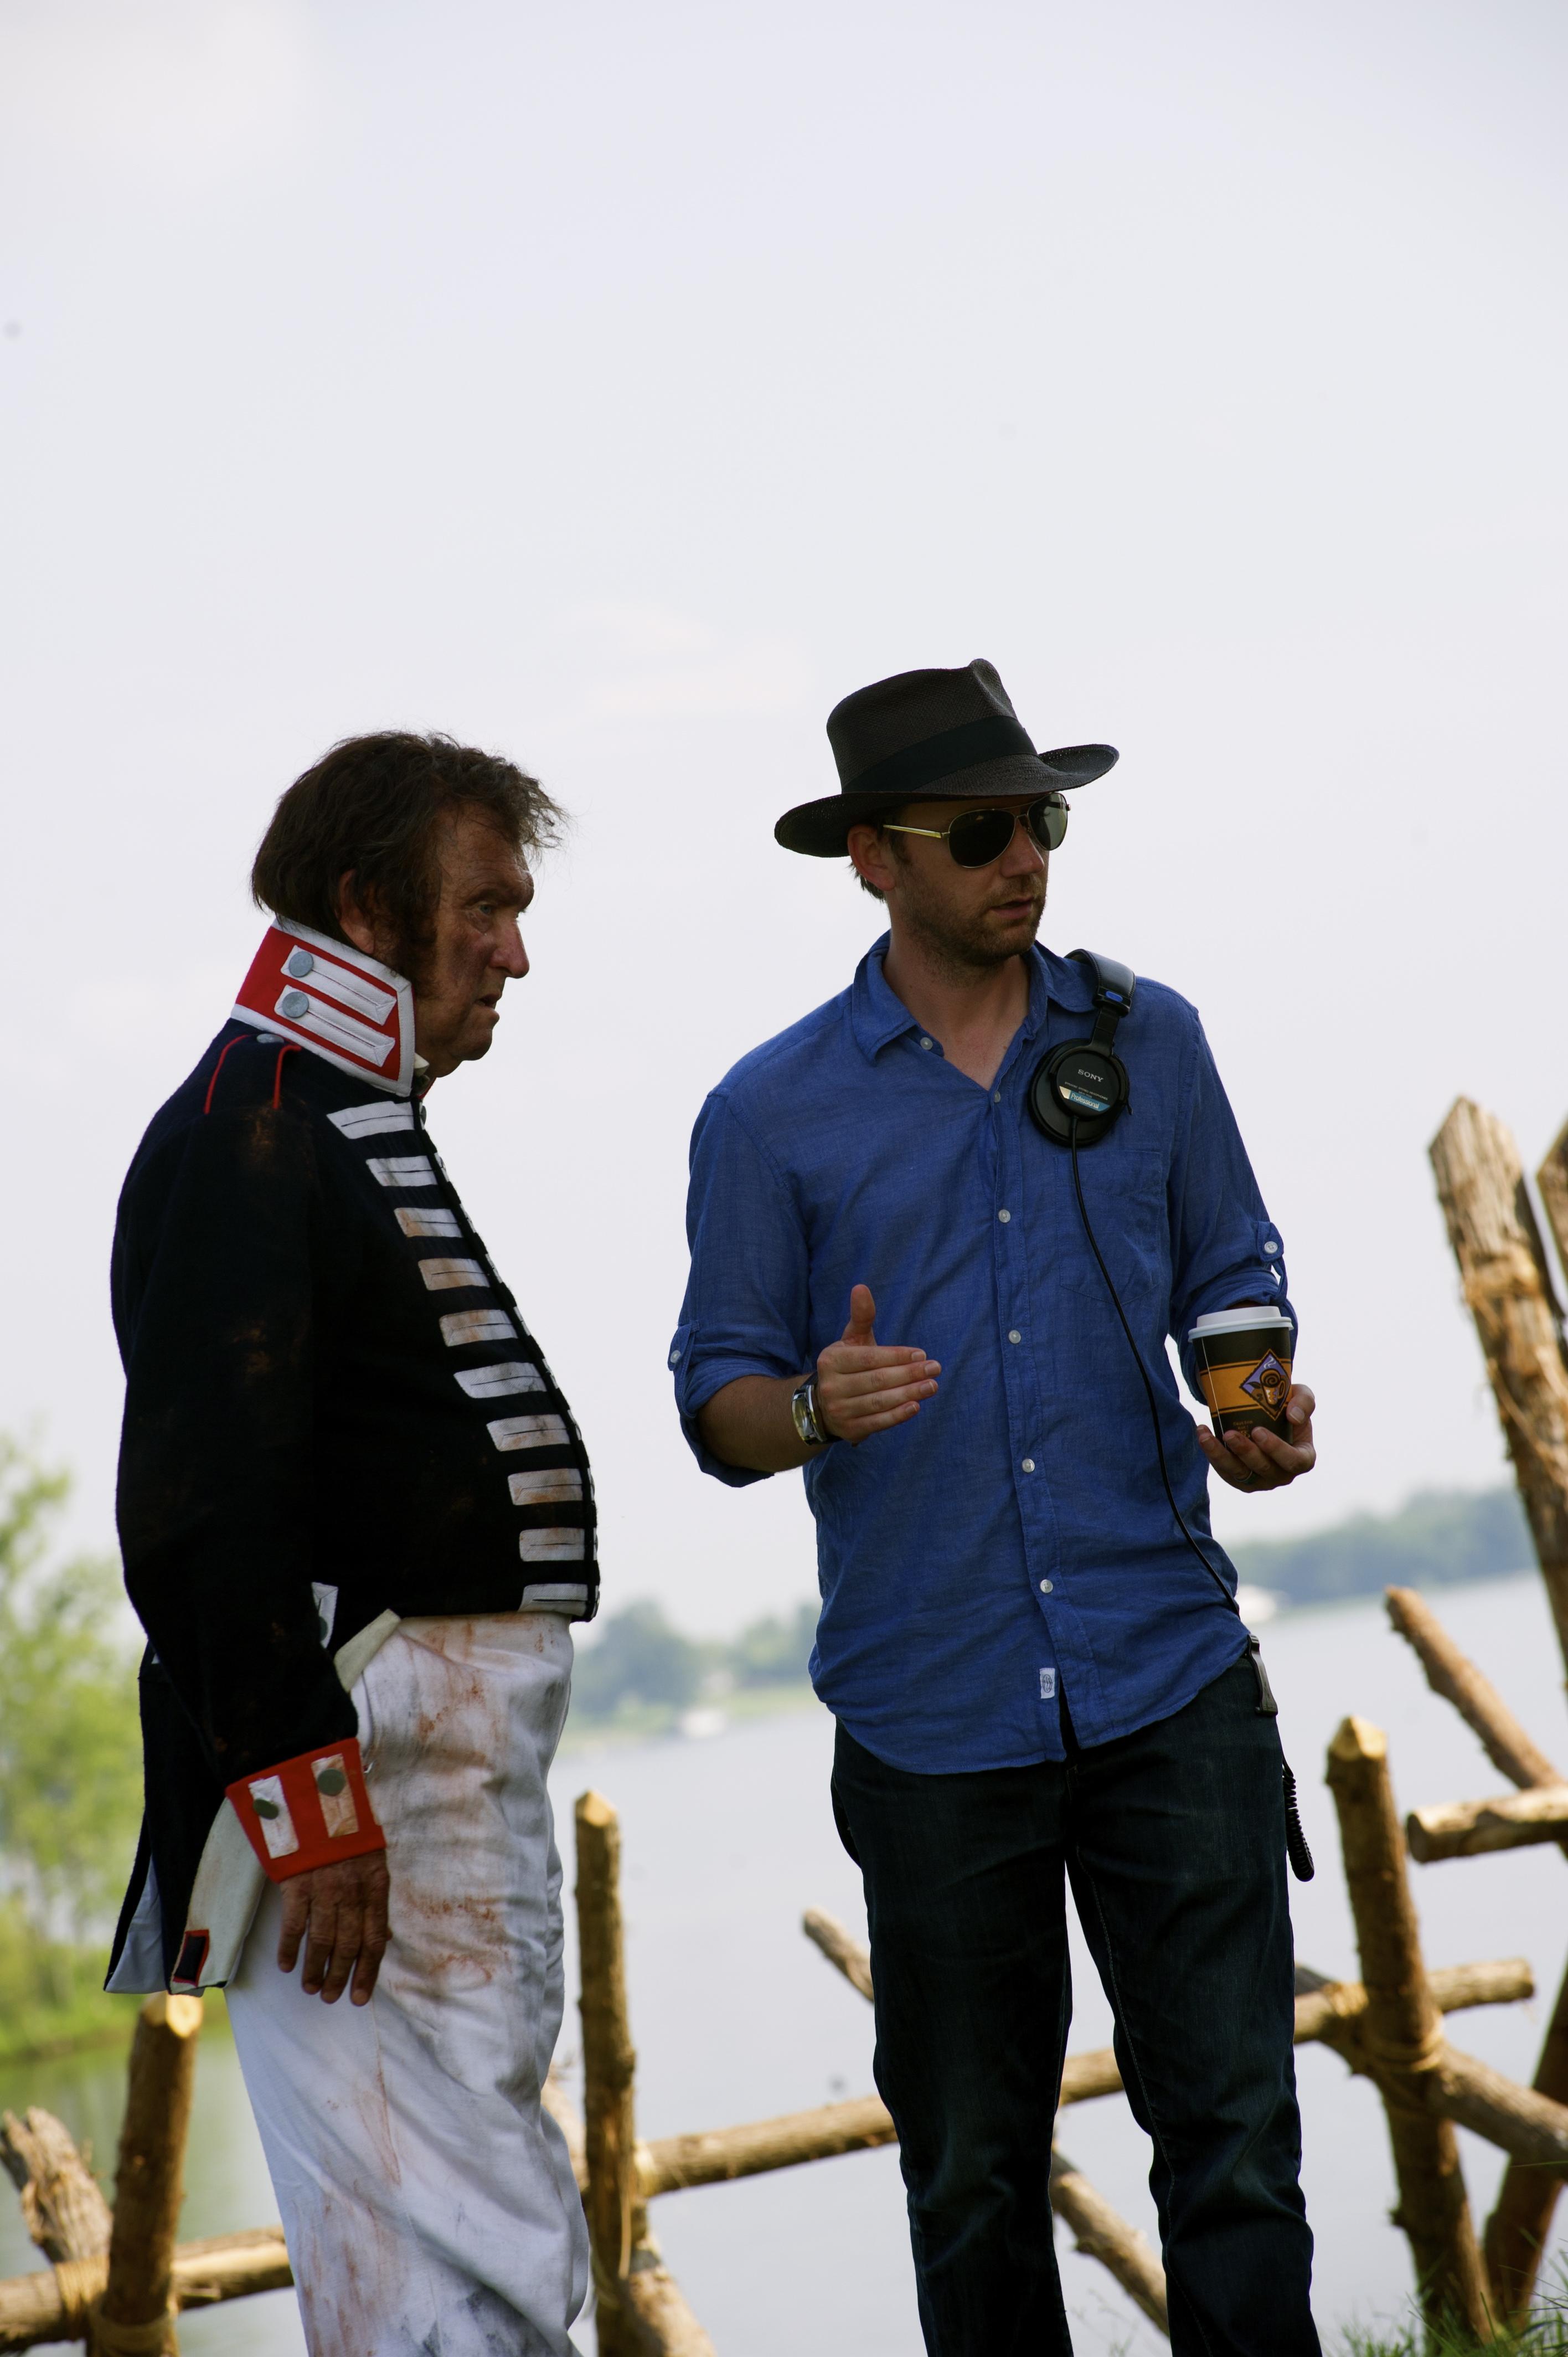 Kyle (de chapéu) em cena do filme Como tudo começou